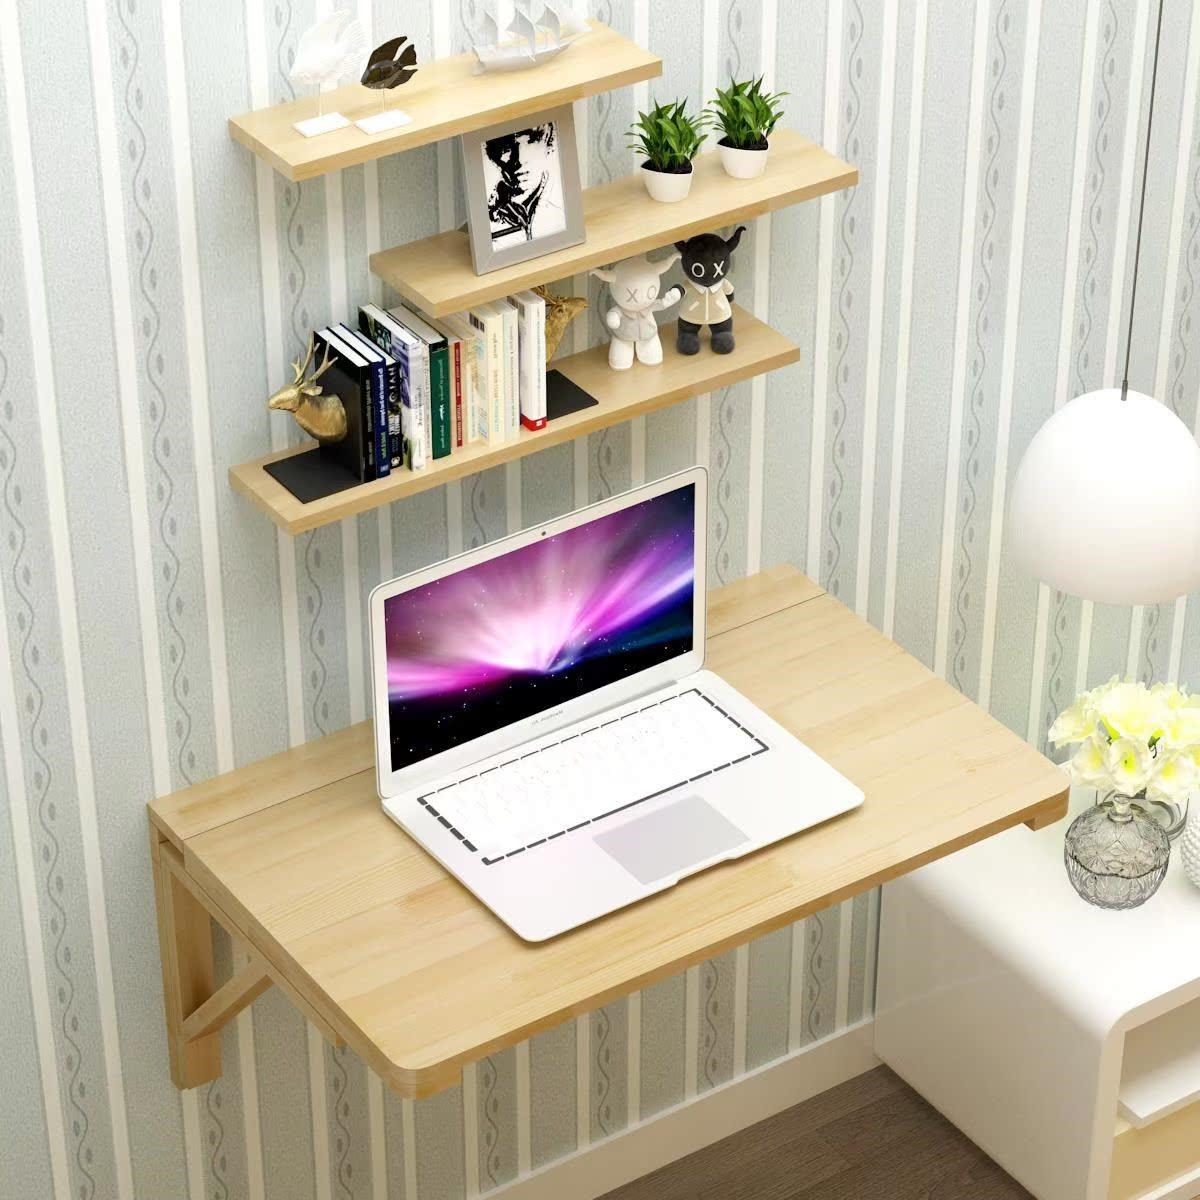 餐枱墙上桌子折叠壁挂多功能实木折叠桌书桌壁挂桌挂在墙上的桌子